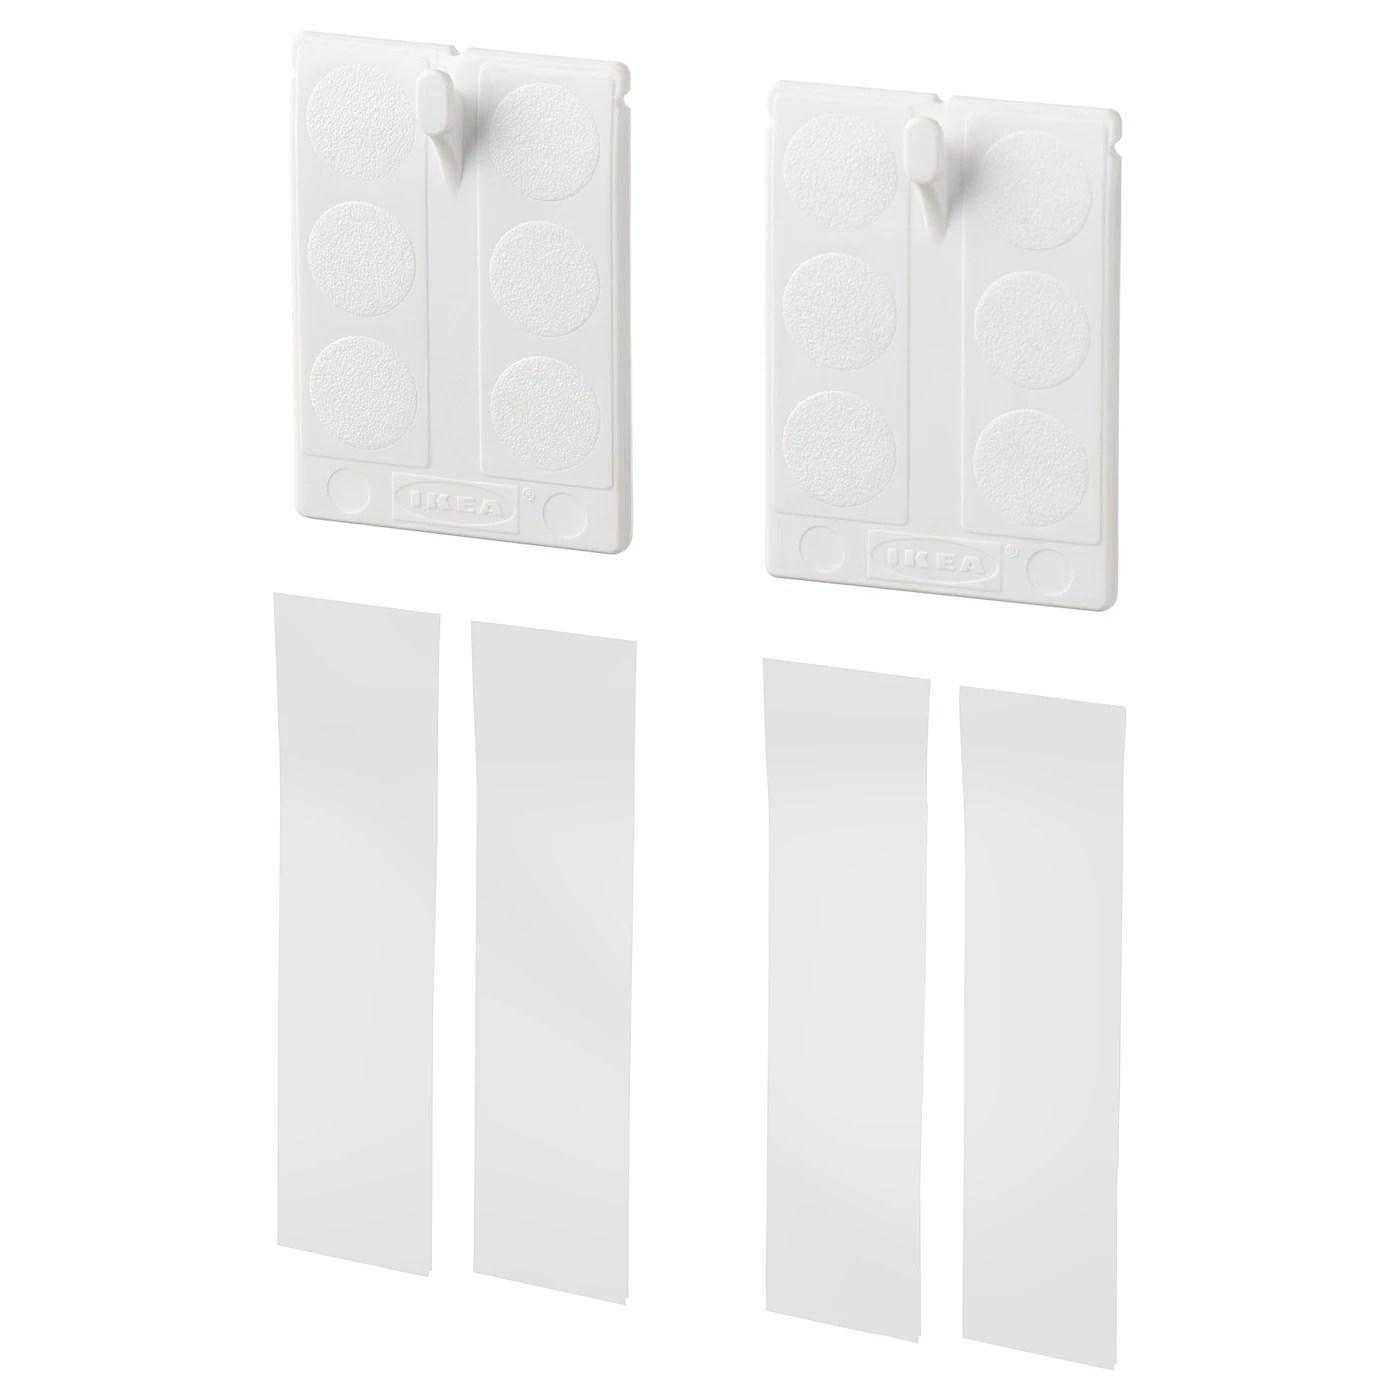 Adesivi esclusivi per mobili | luxil design® rivestimento. Alfta Gancio Adesivo Per Struttura Bianco Ikea It